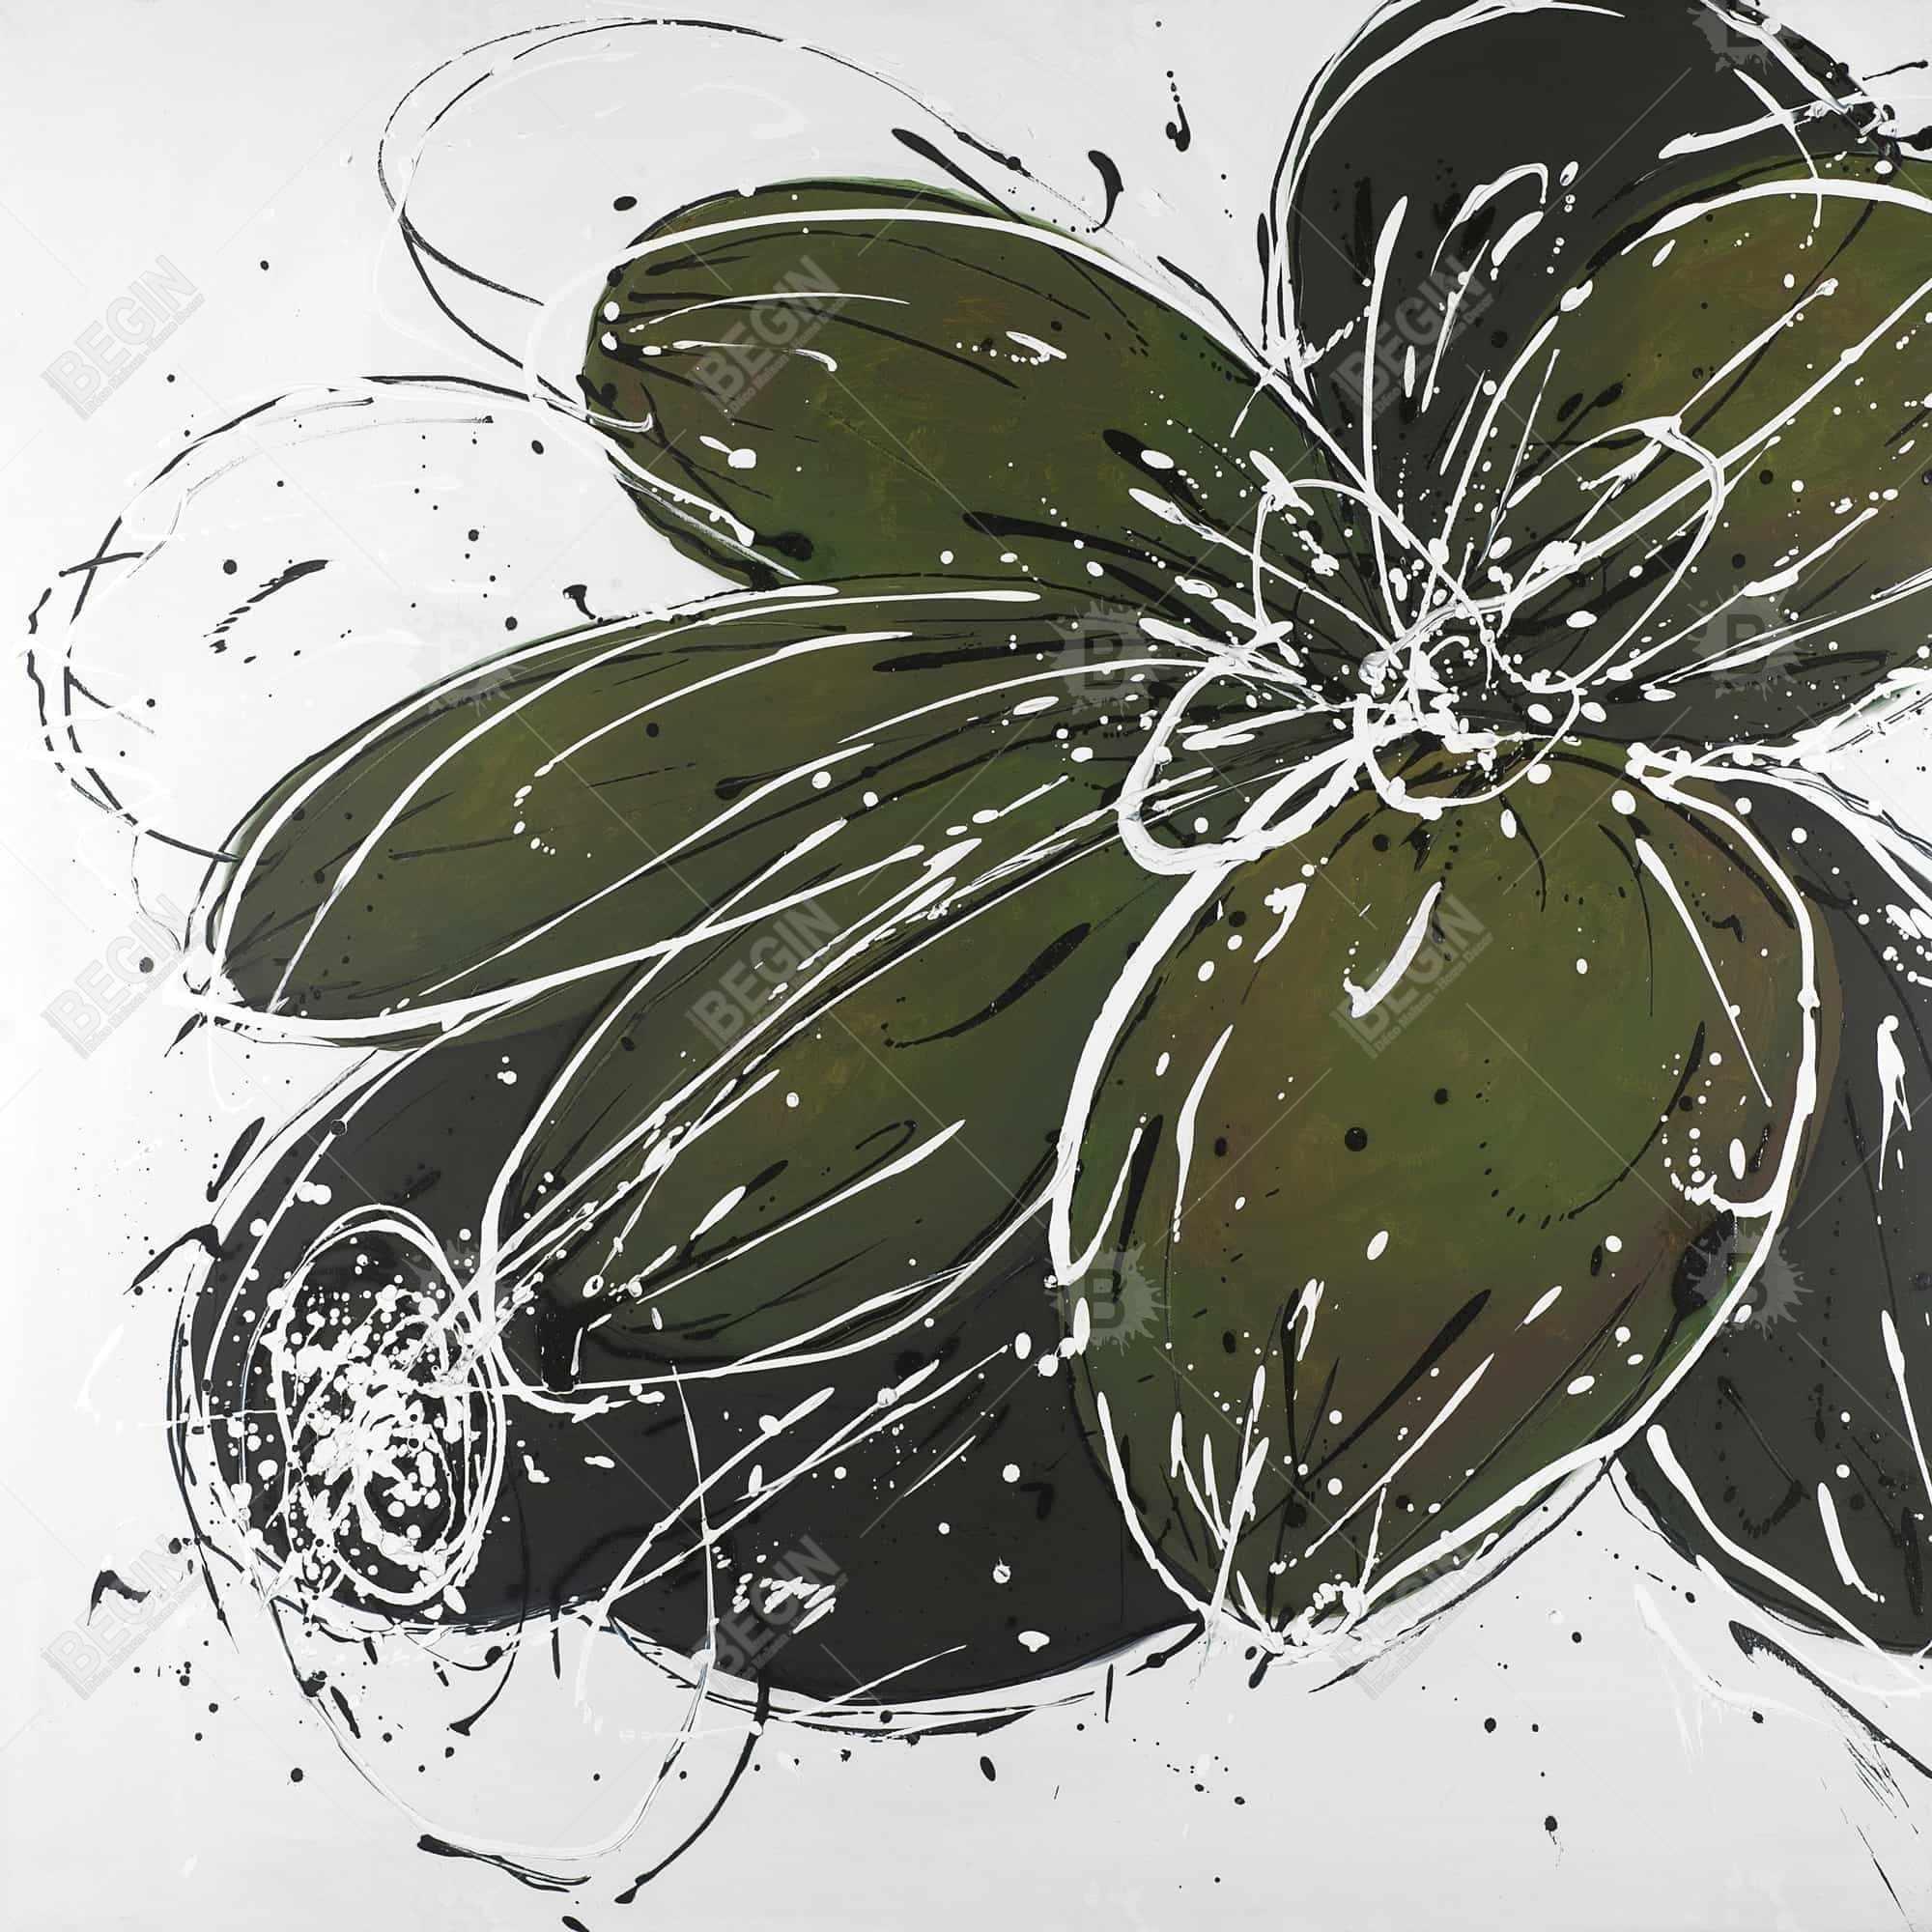 Fleur verte avec contours en éclats de peinture